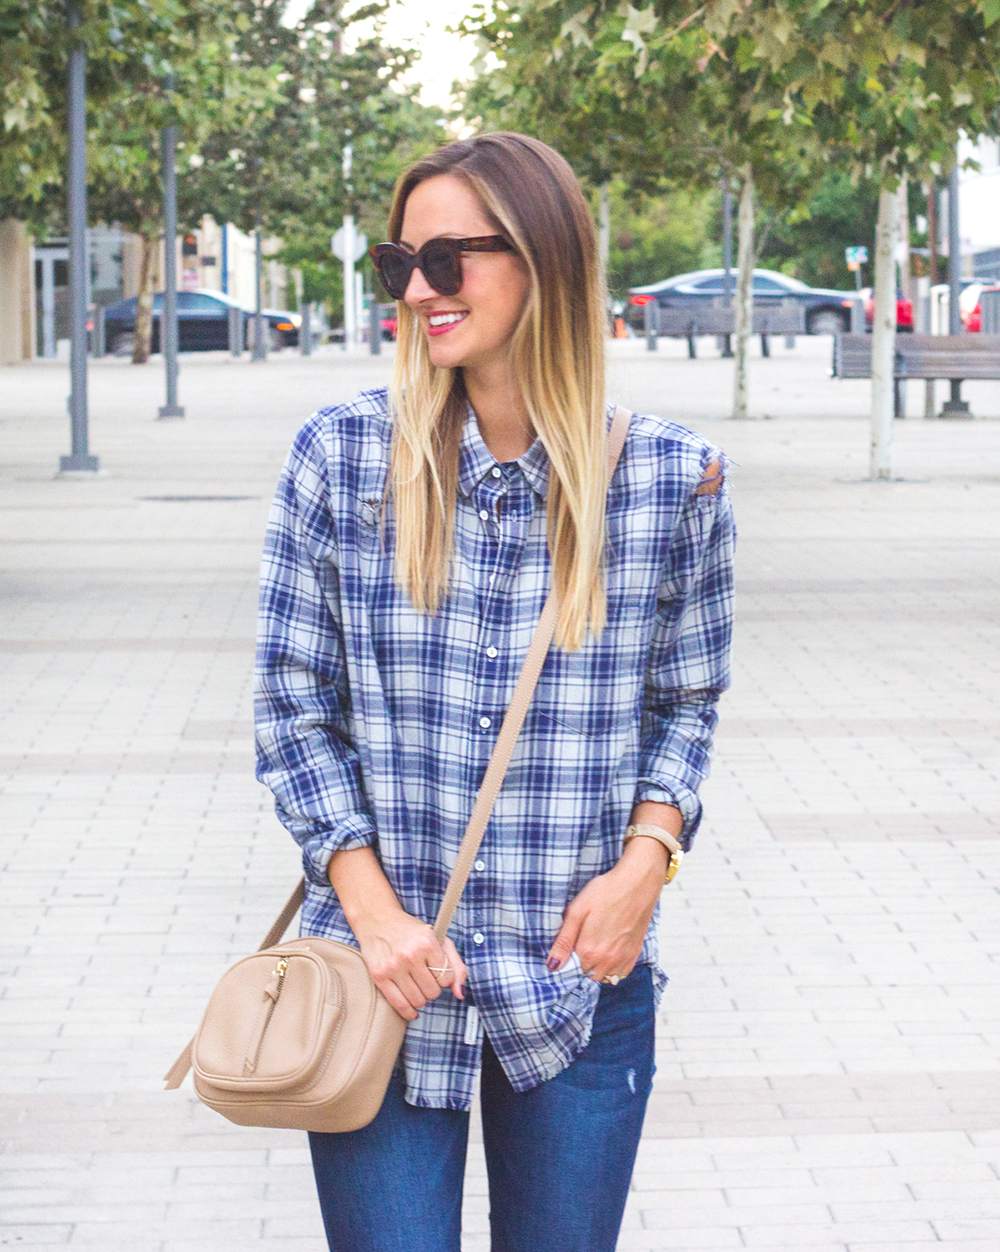 livvyland-blog-olivia-watson-dl1961-emma-barbwire-jeans-blue-shirt-shop-kelly-wynne-dear-512-handbag-2